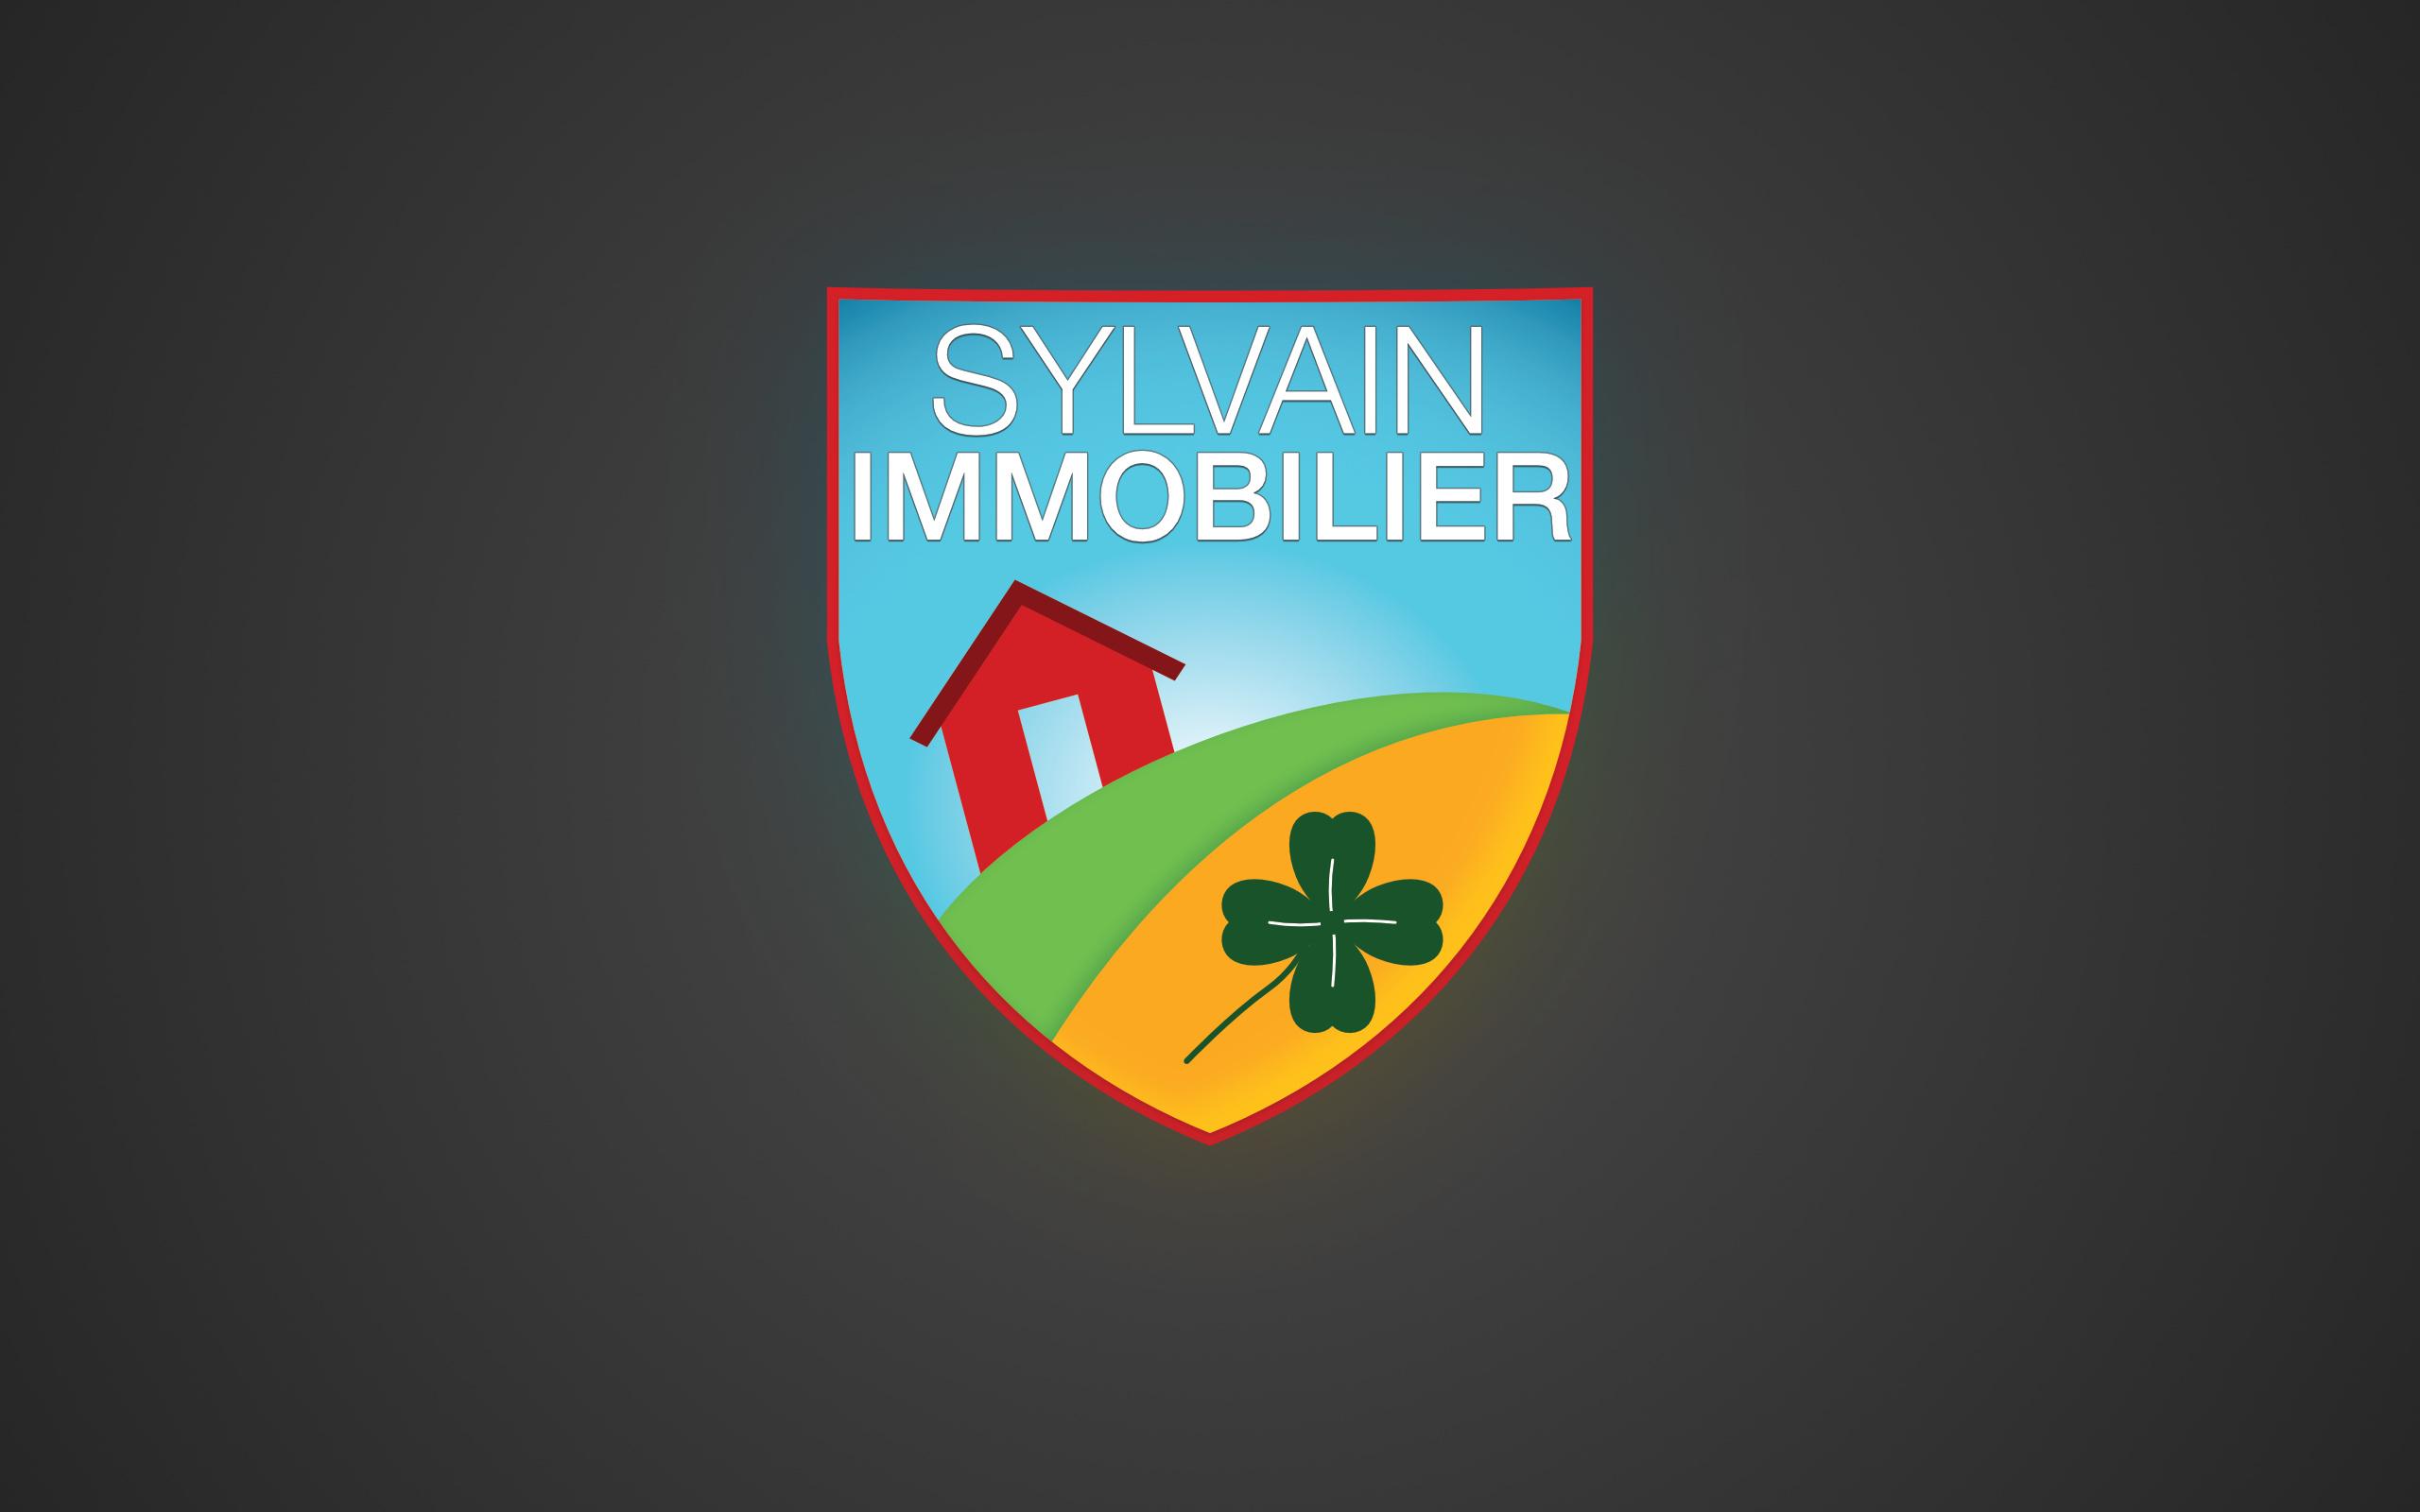 logo-sylvain-immobilier